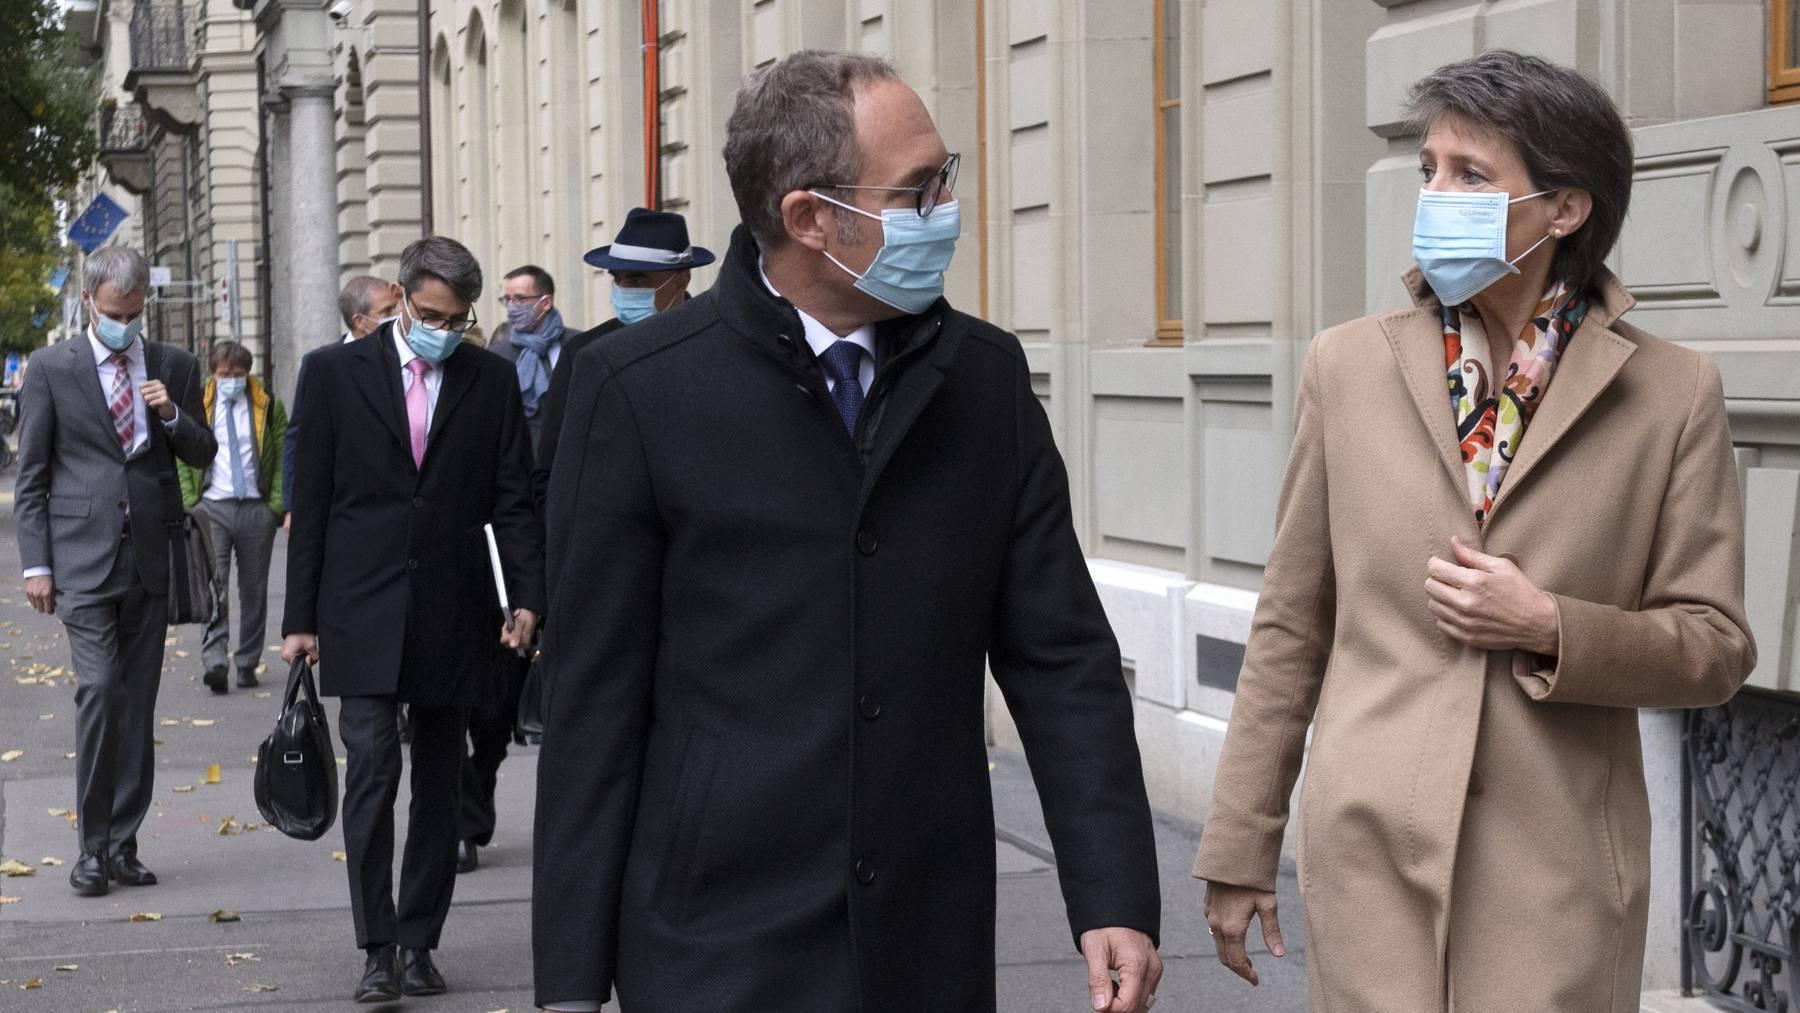 Bundespräsidentin Simonetta Sommaruga und Lukas Engelberger auf dem Weg zu einer Pressekonferenz in Bern.